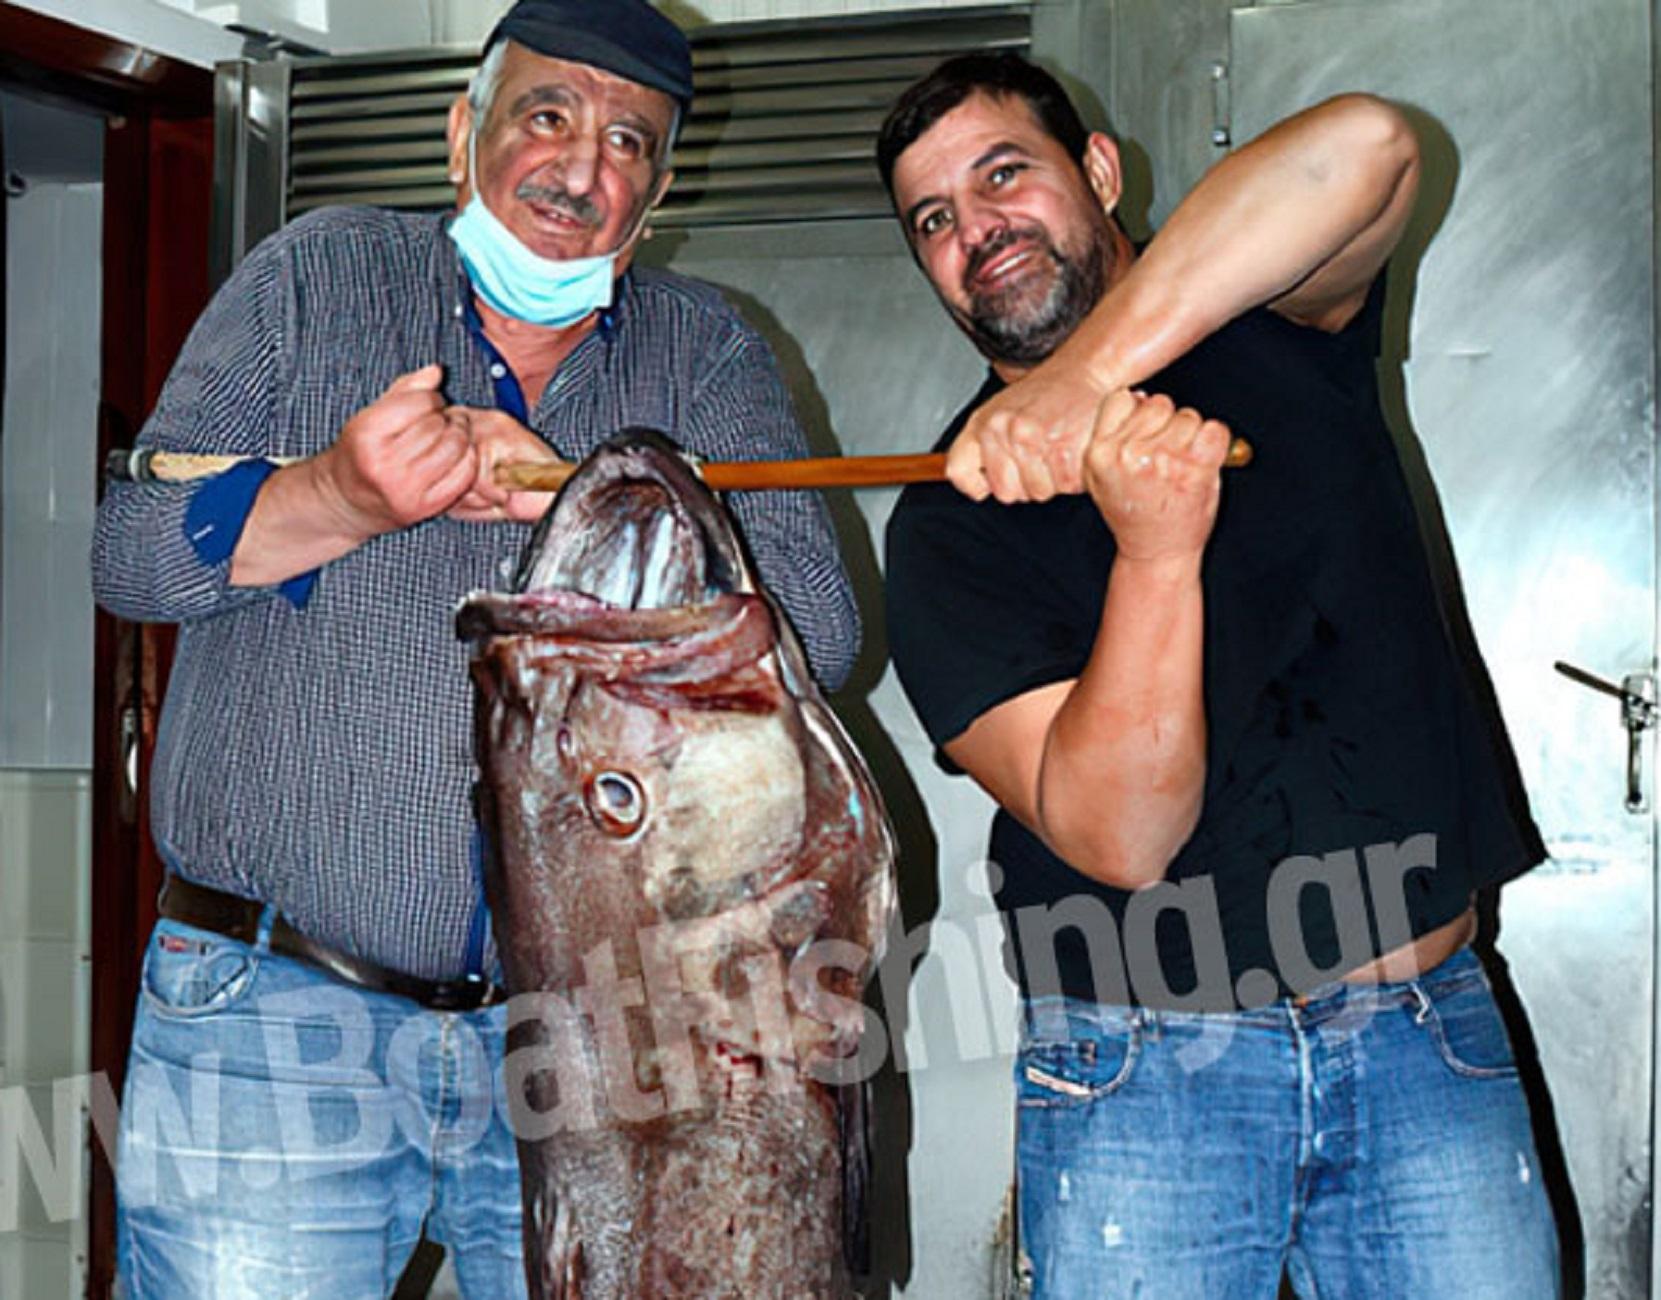 Εύβοια: Η ψαριά της ζωής τους! Πιάστηκε σε χοντρό παραγάδι και για να σηκωθεί χρειάστηκαν 4 χέρια (Φωτό)